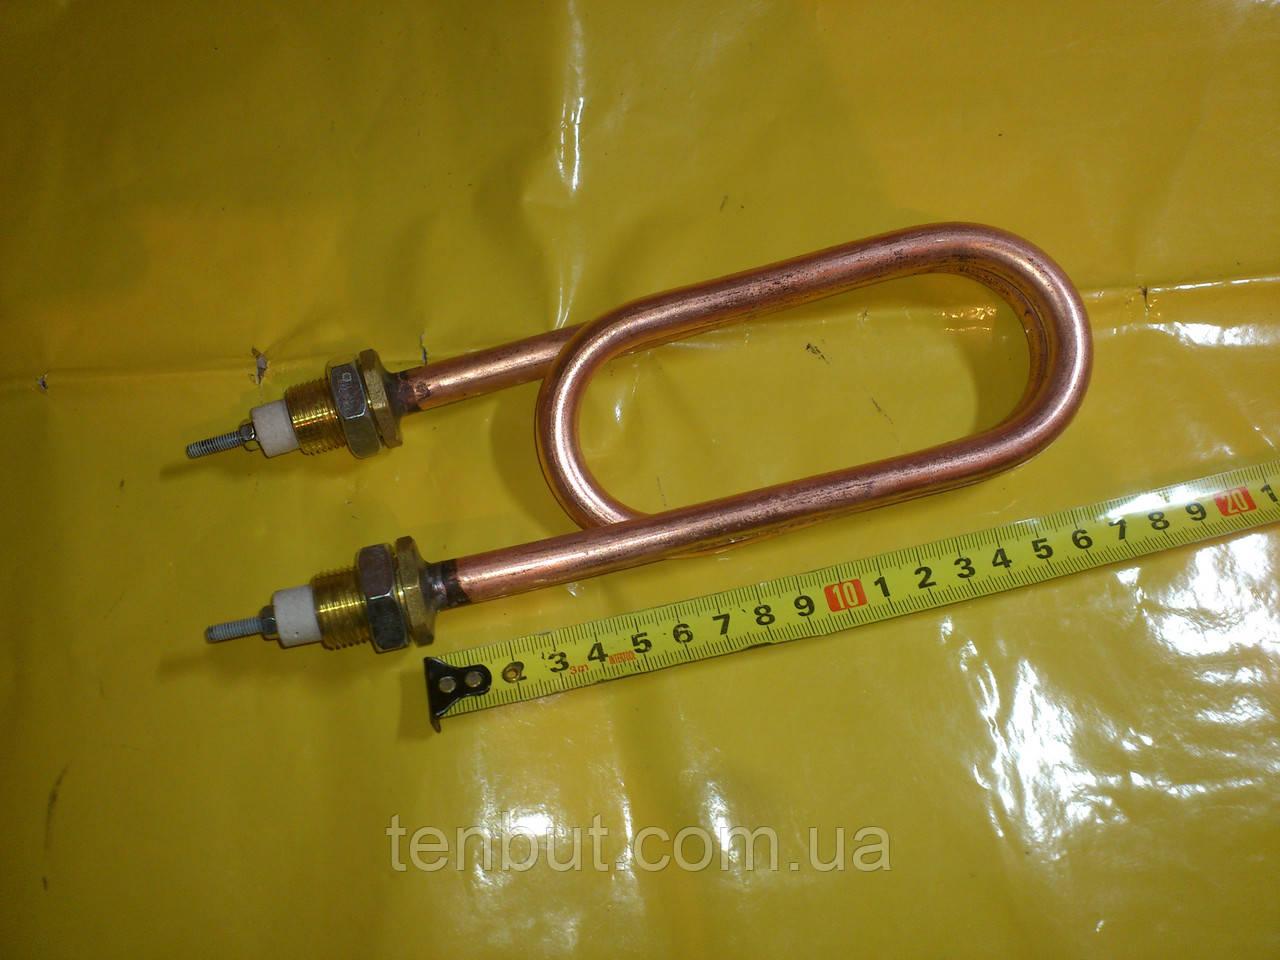 Медный тэн скрепка для дистиллированния воды 2.5 кВт. / 220 В. резьба м-18 мм. Украина .